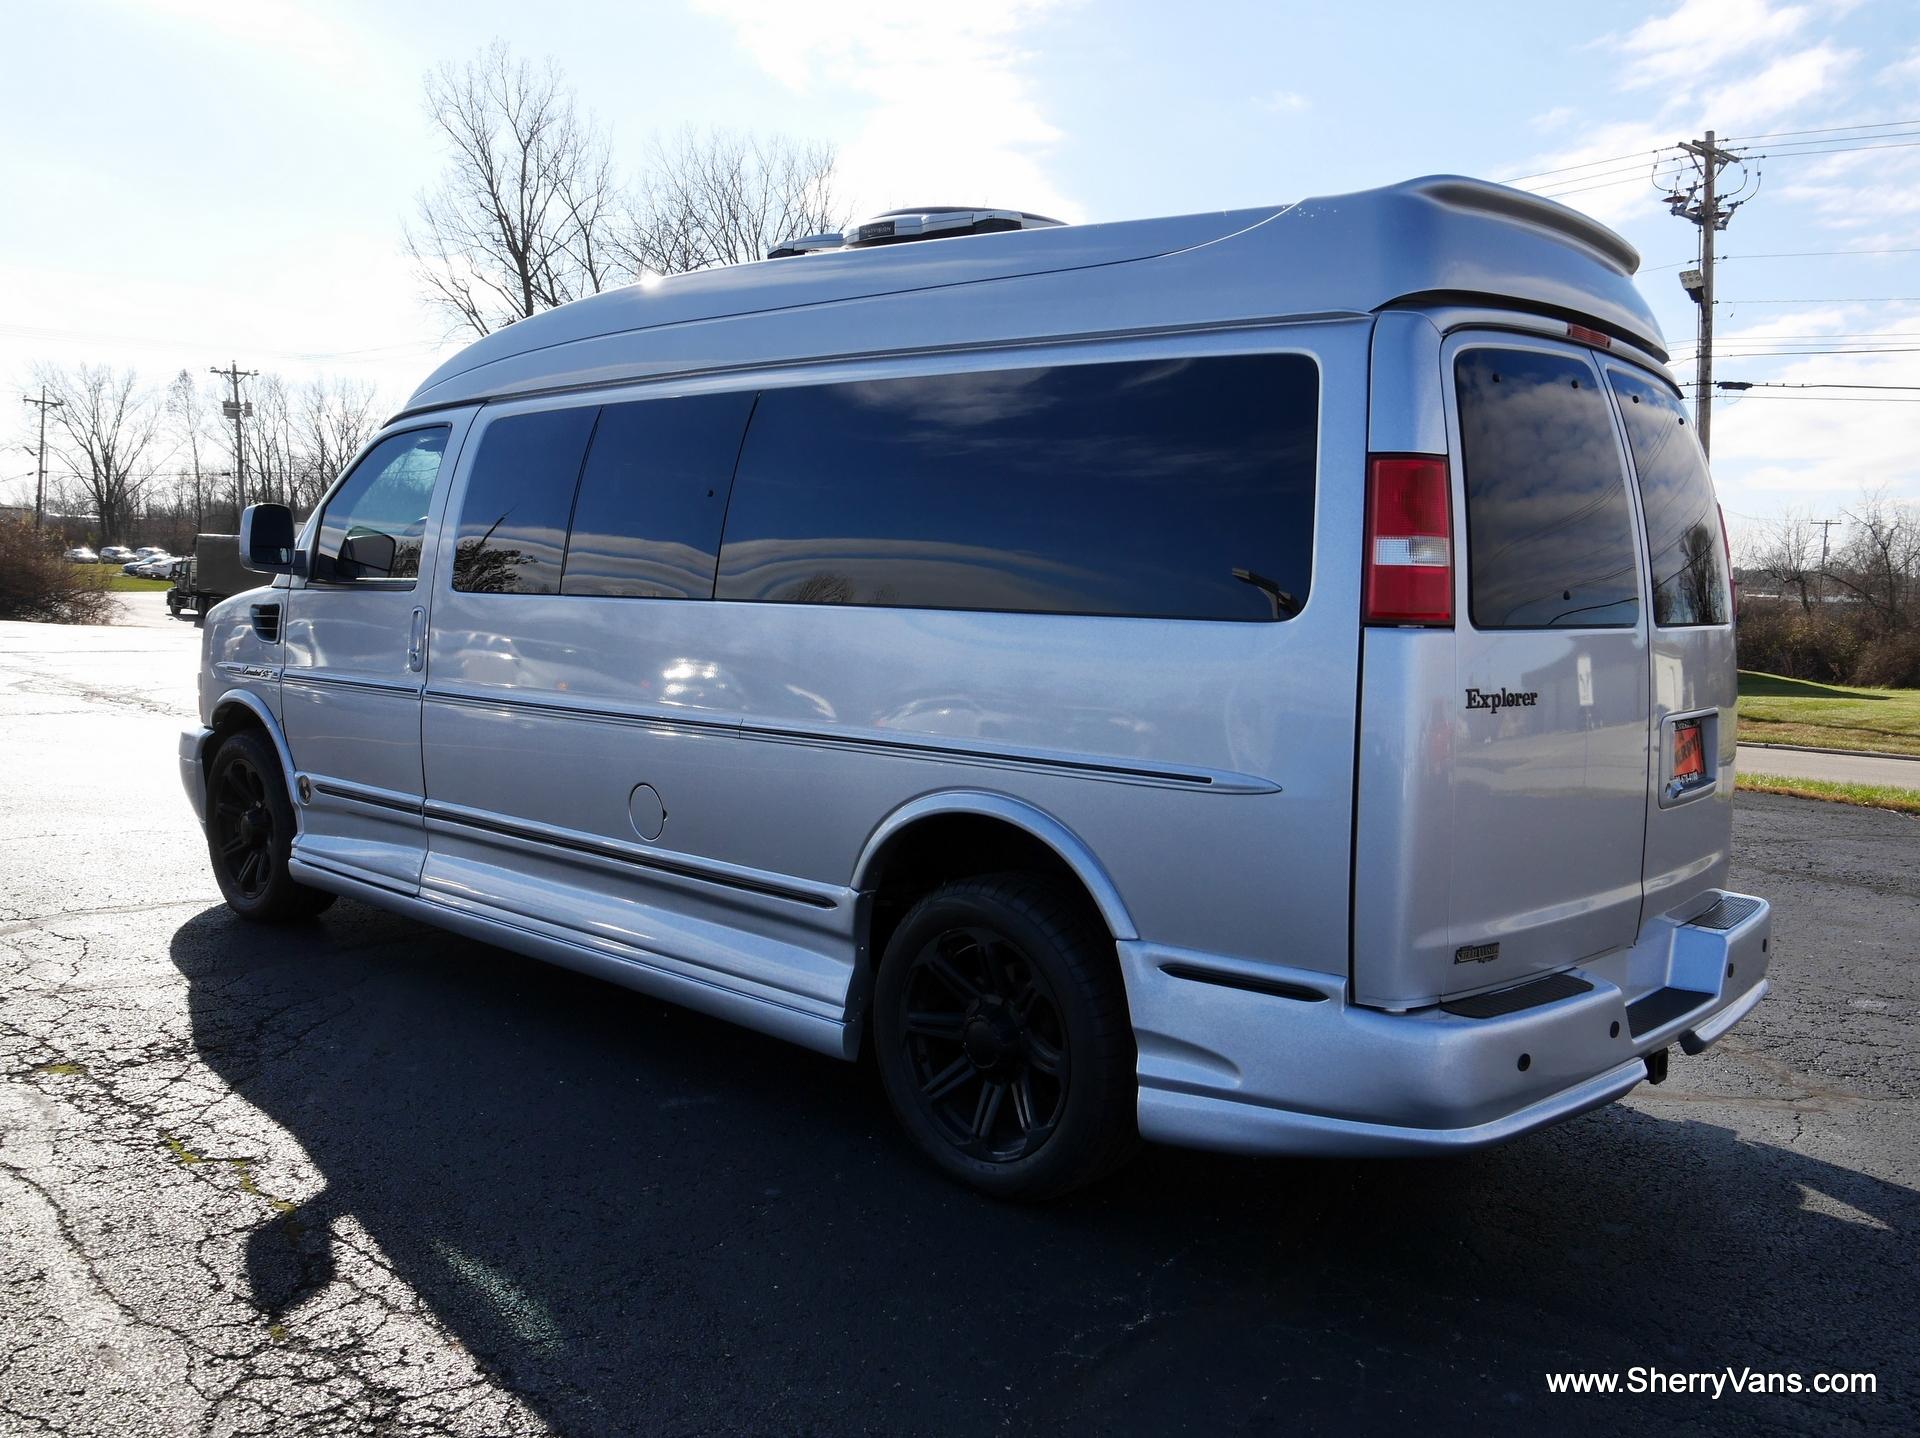 Used Passenger Vans For Sale >> Passenger Van For Sale Near Me Used Passenger Vans For Sale